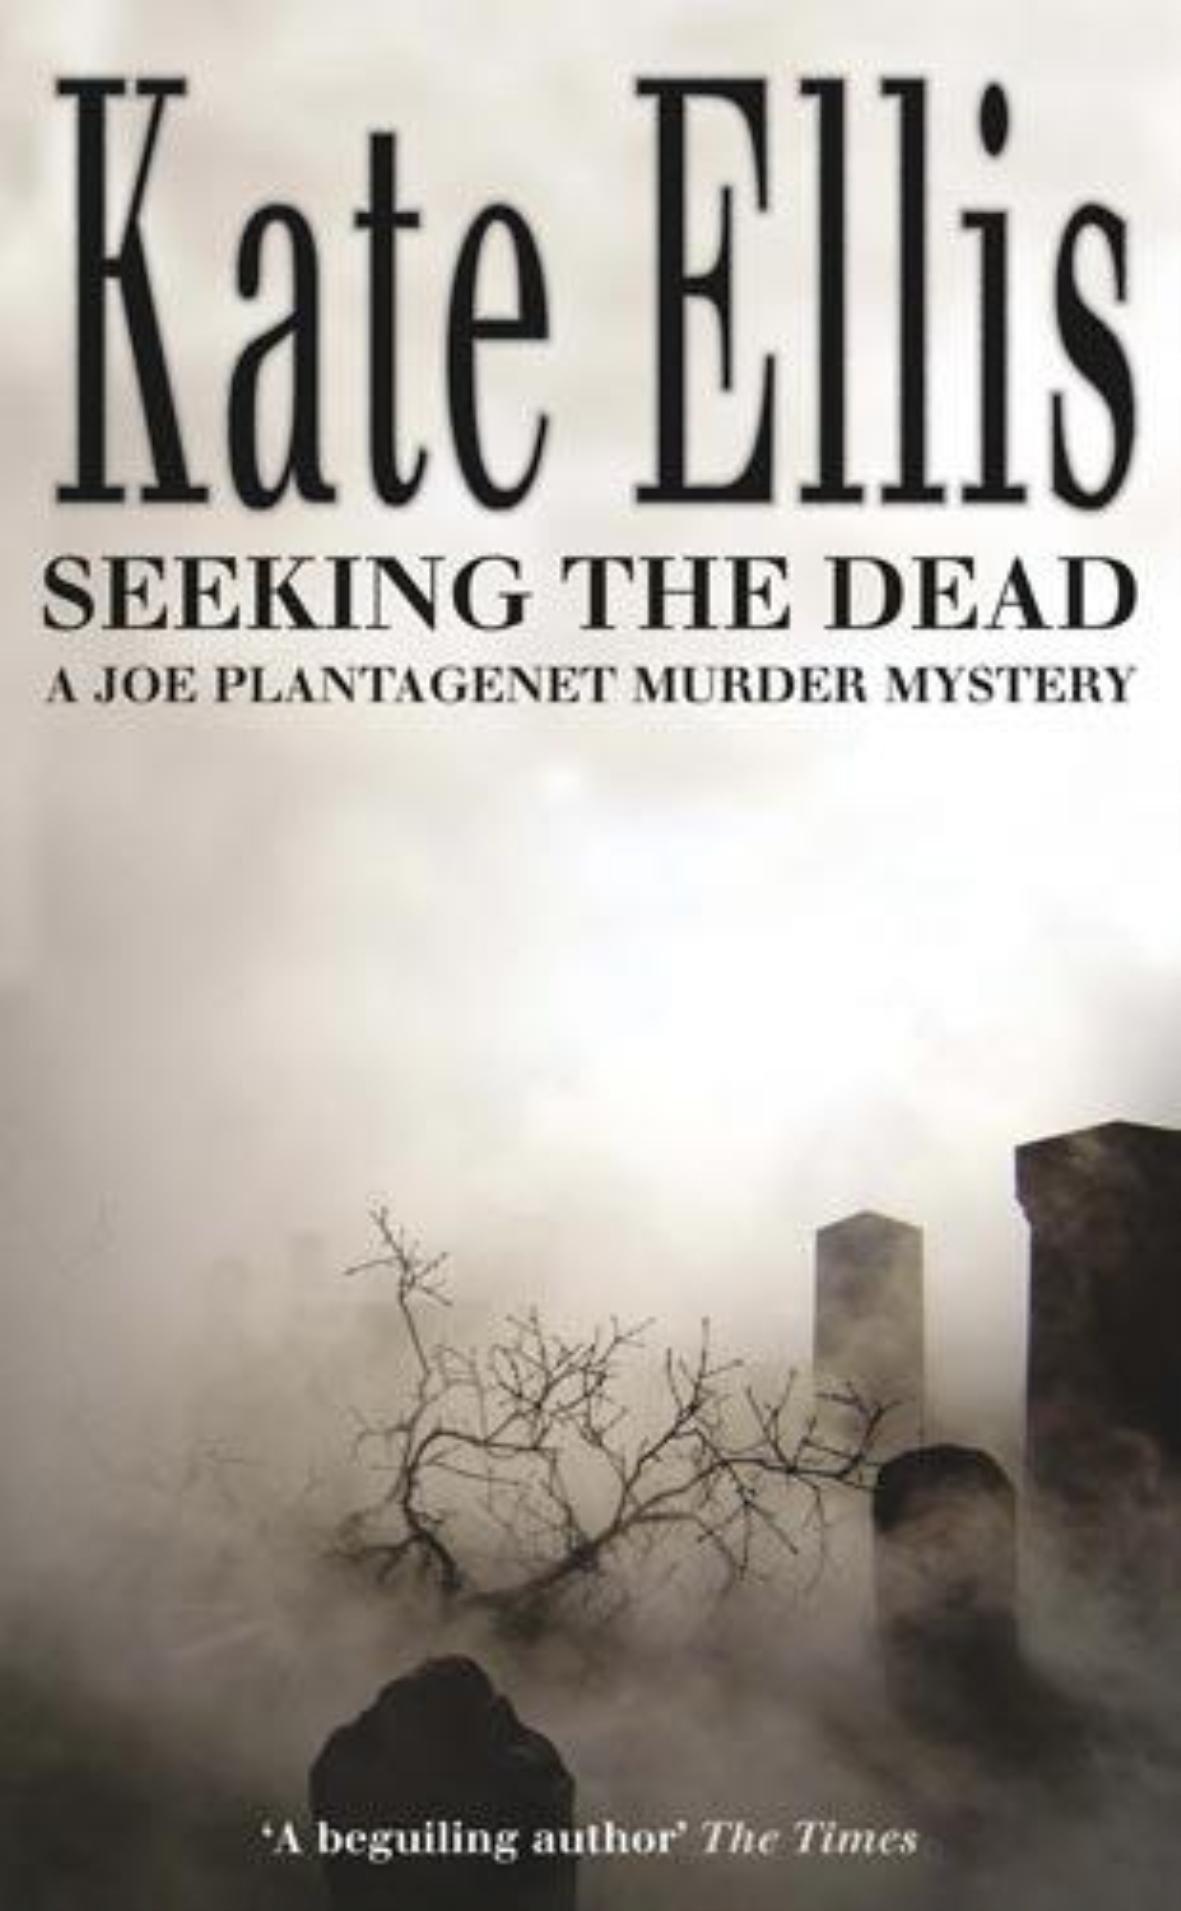 Download Seeking the Dead (Joe Plantagenet Murder Mystery) pdf